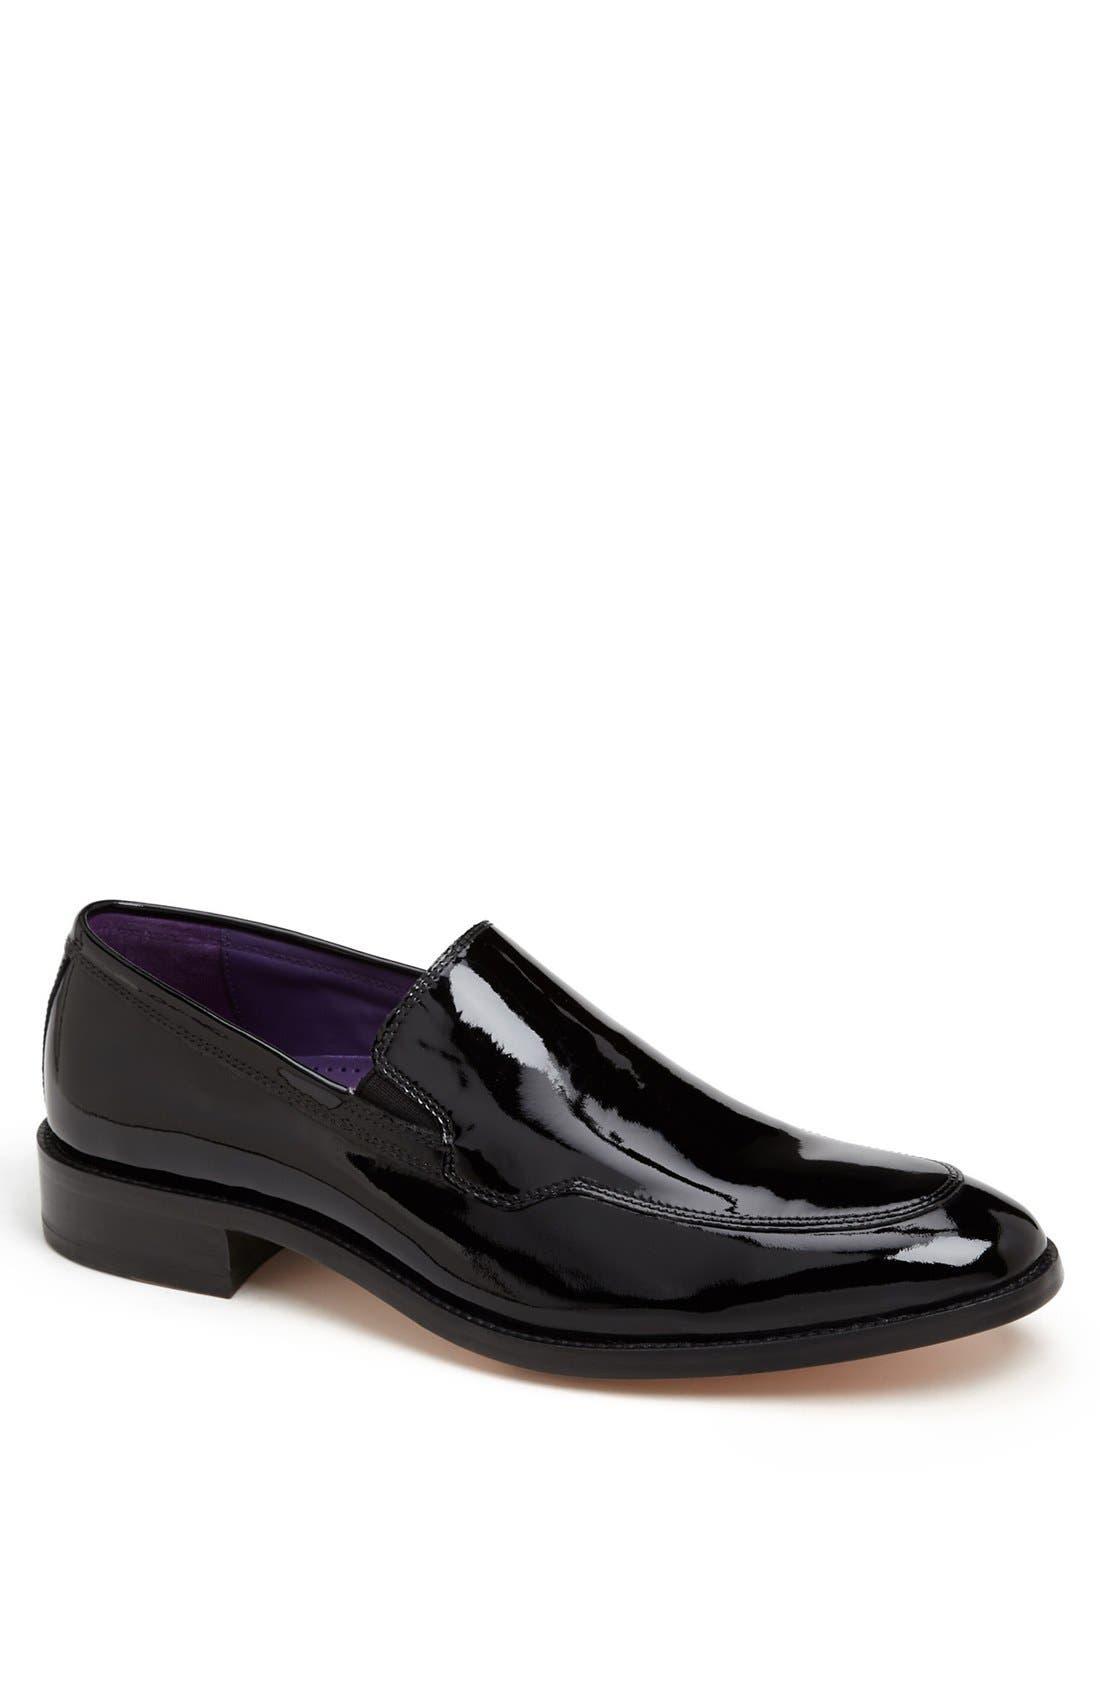 Alternate Image 1 Selected - Cole Haan 'Lenox Hill' Formal Loafer   (Men)